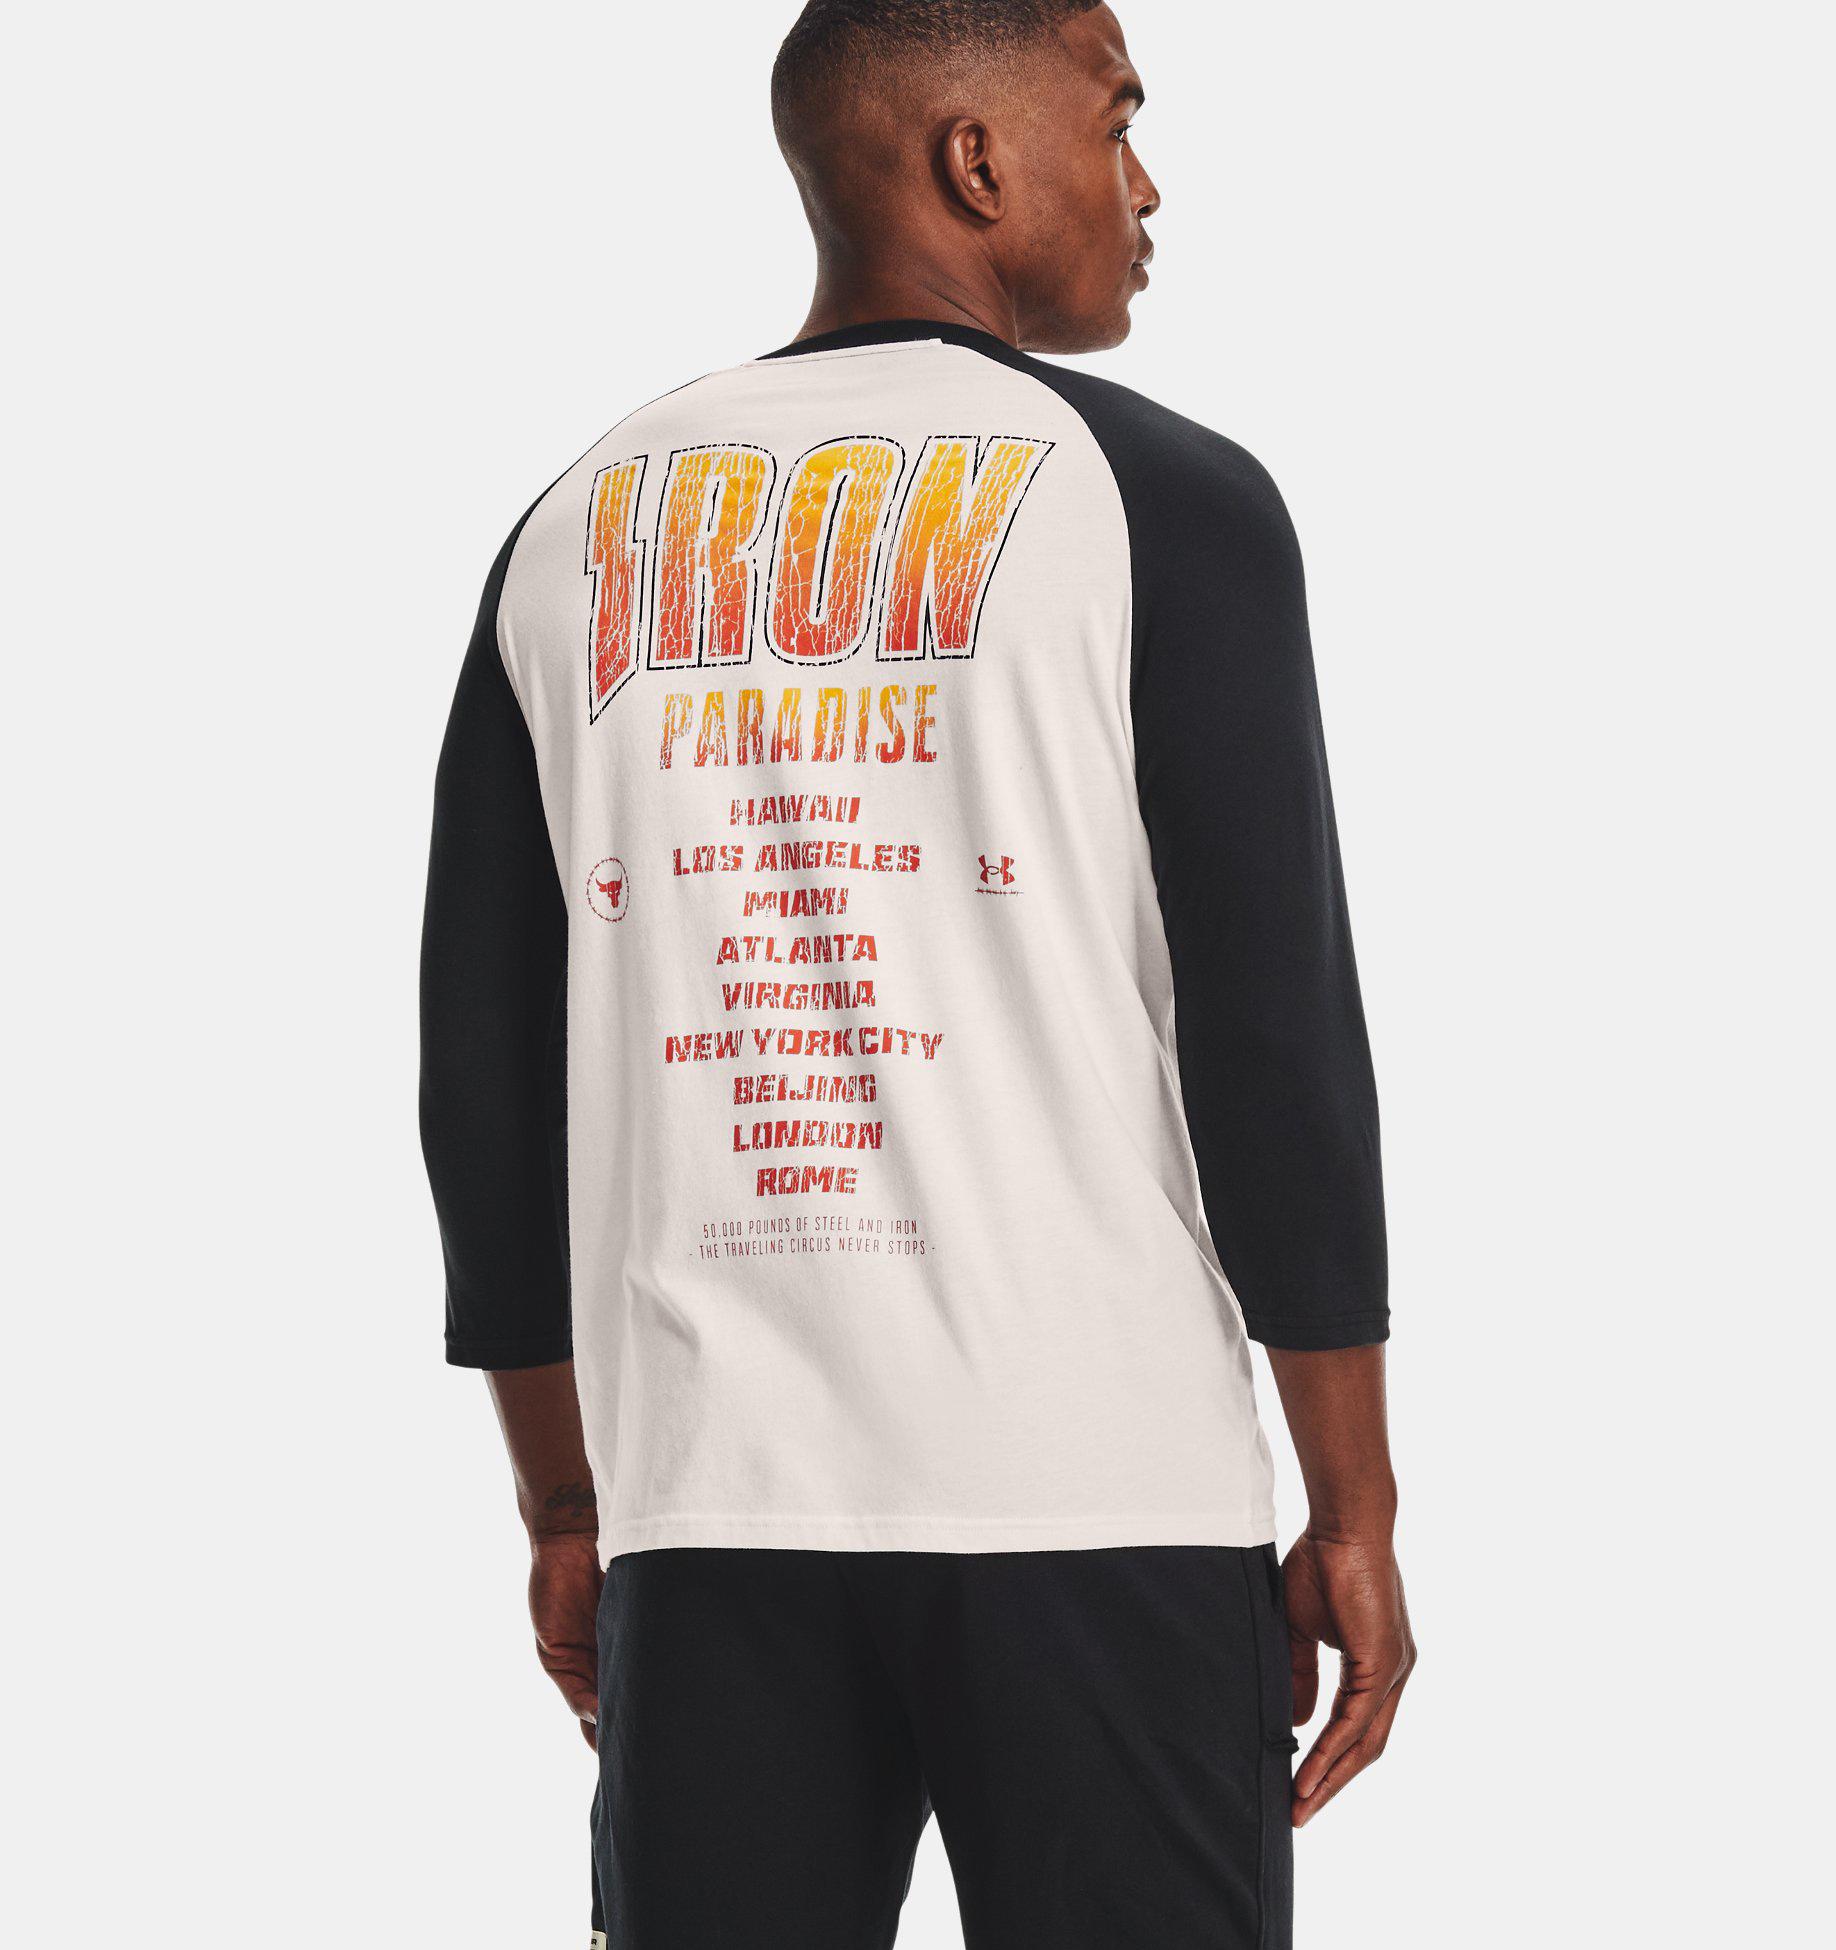 project-rock-iron-paradise-tour-raglan-shirt-2